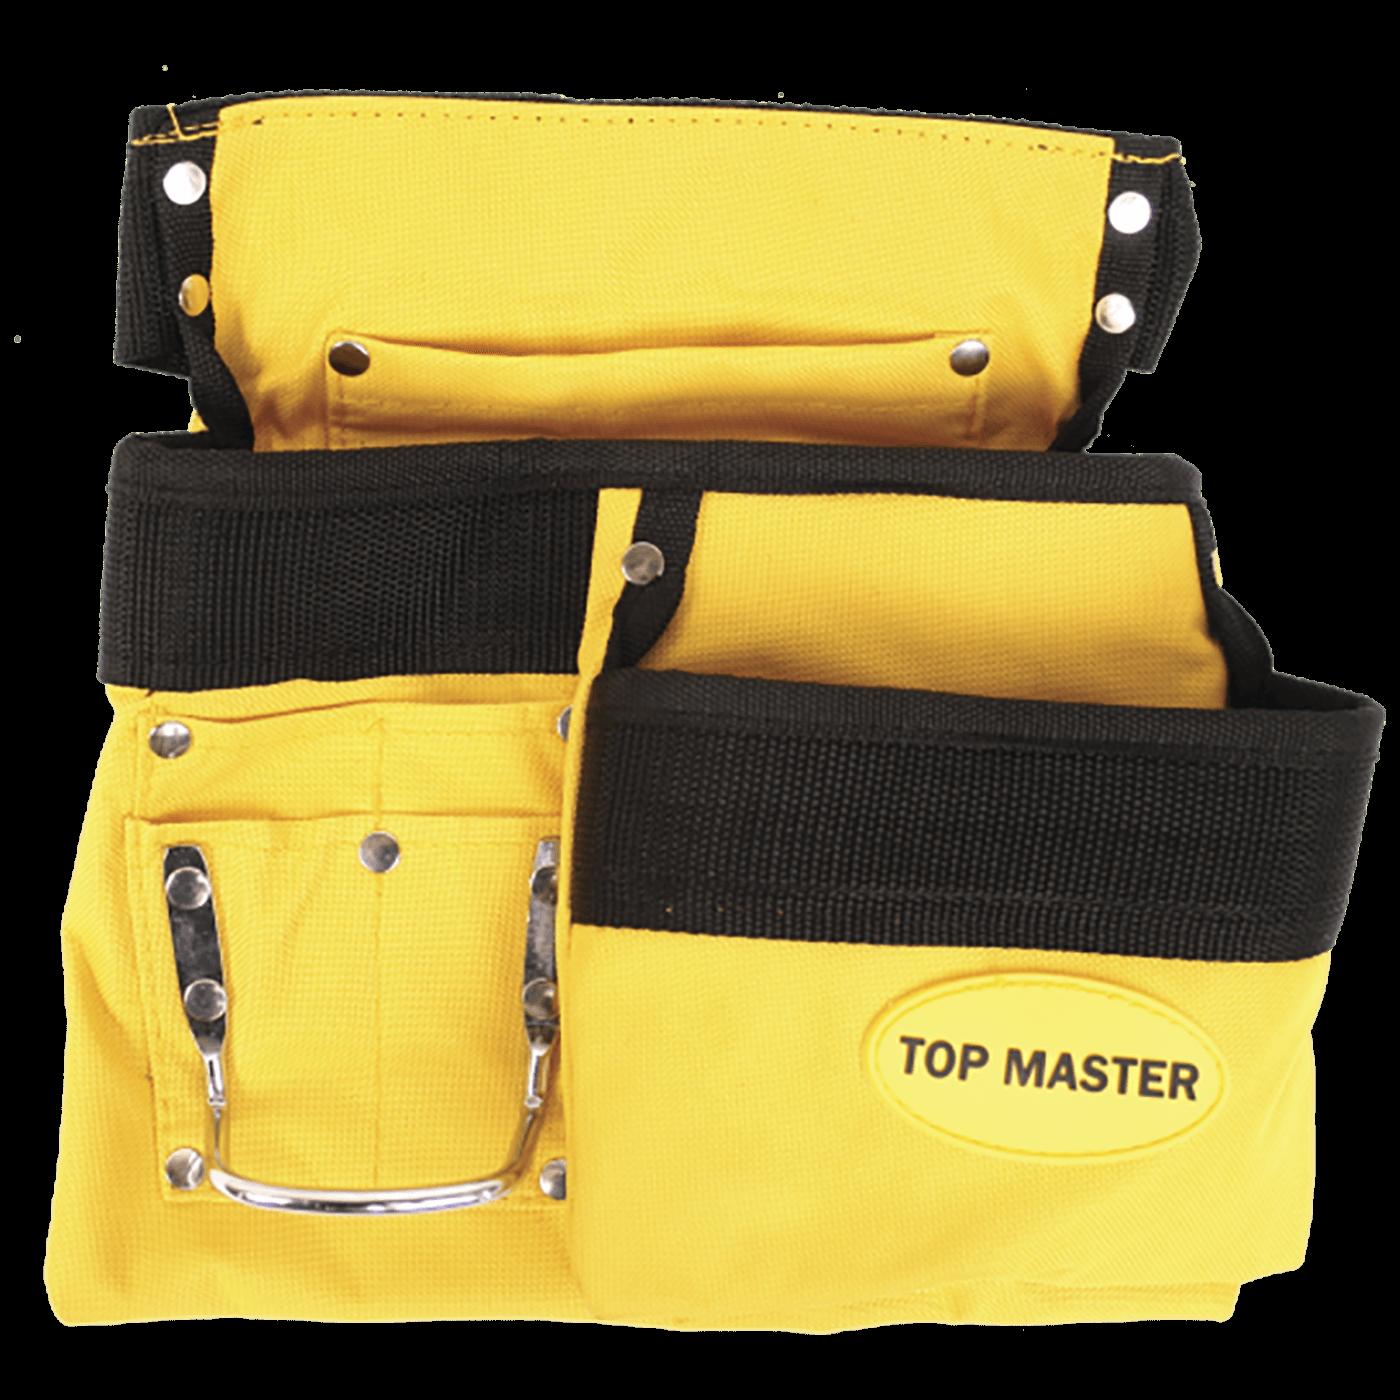 Topmaster - 499971